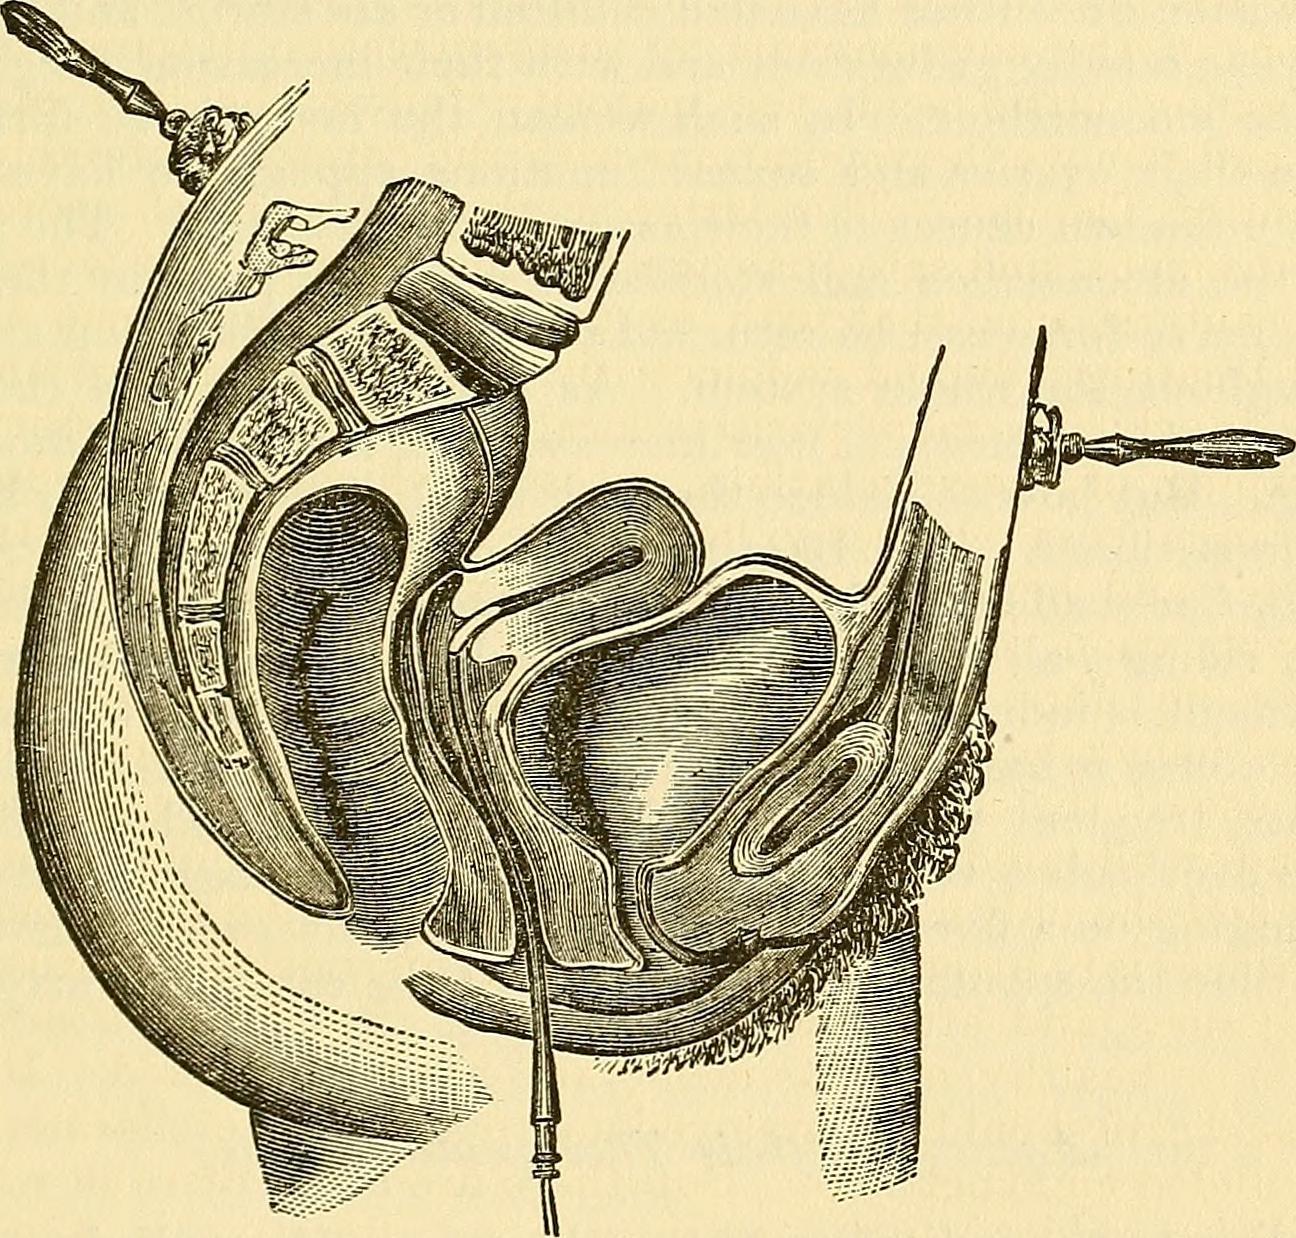 mof vagina parts of fil